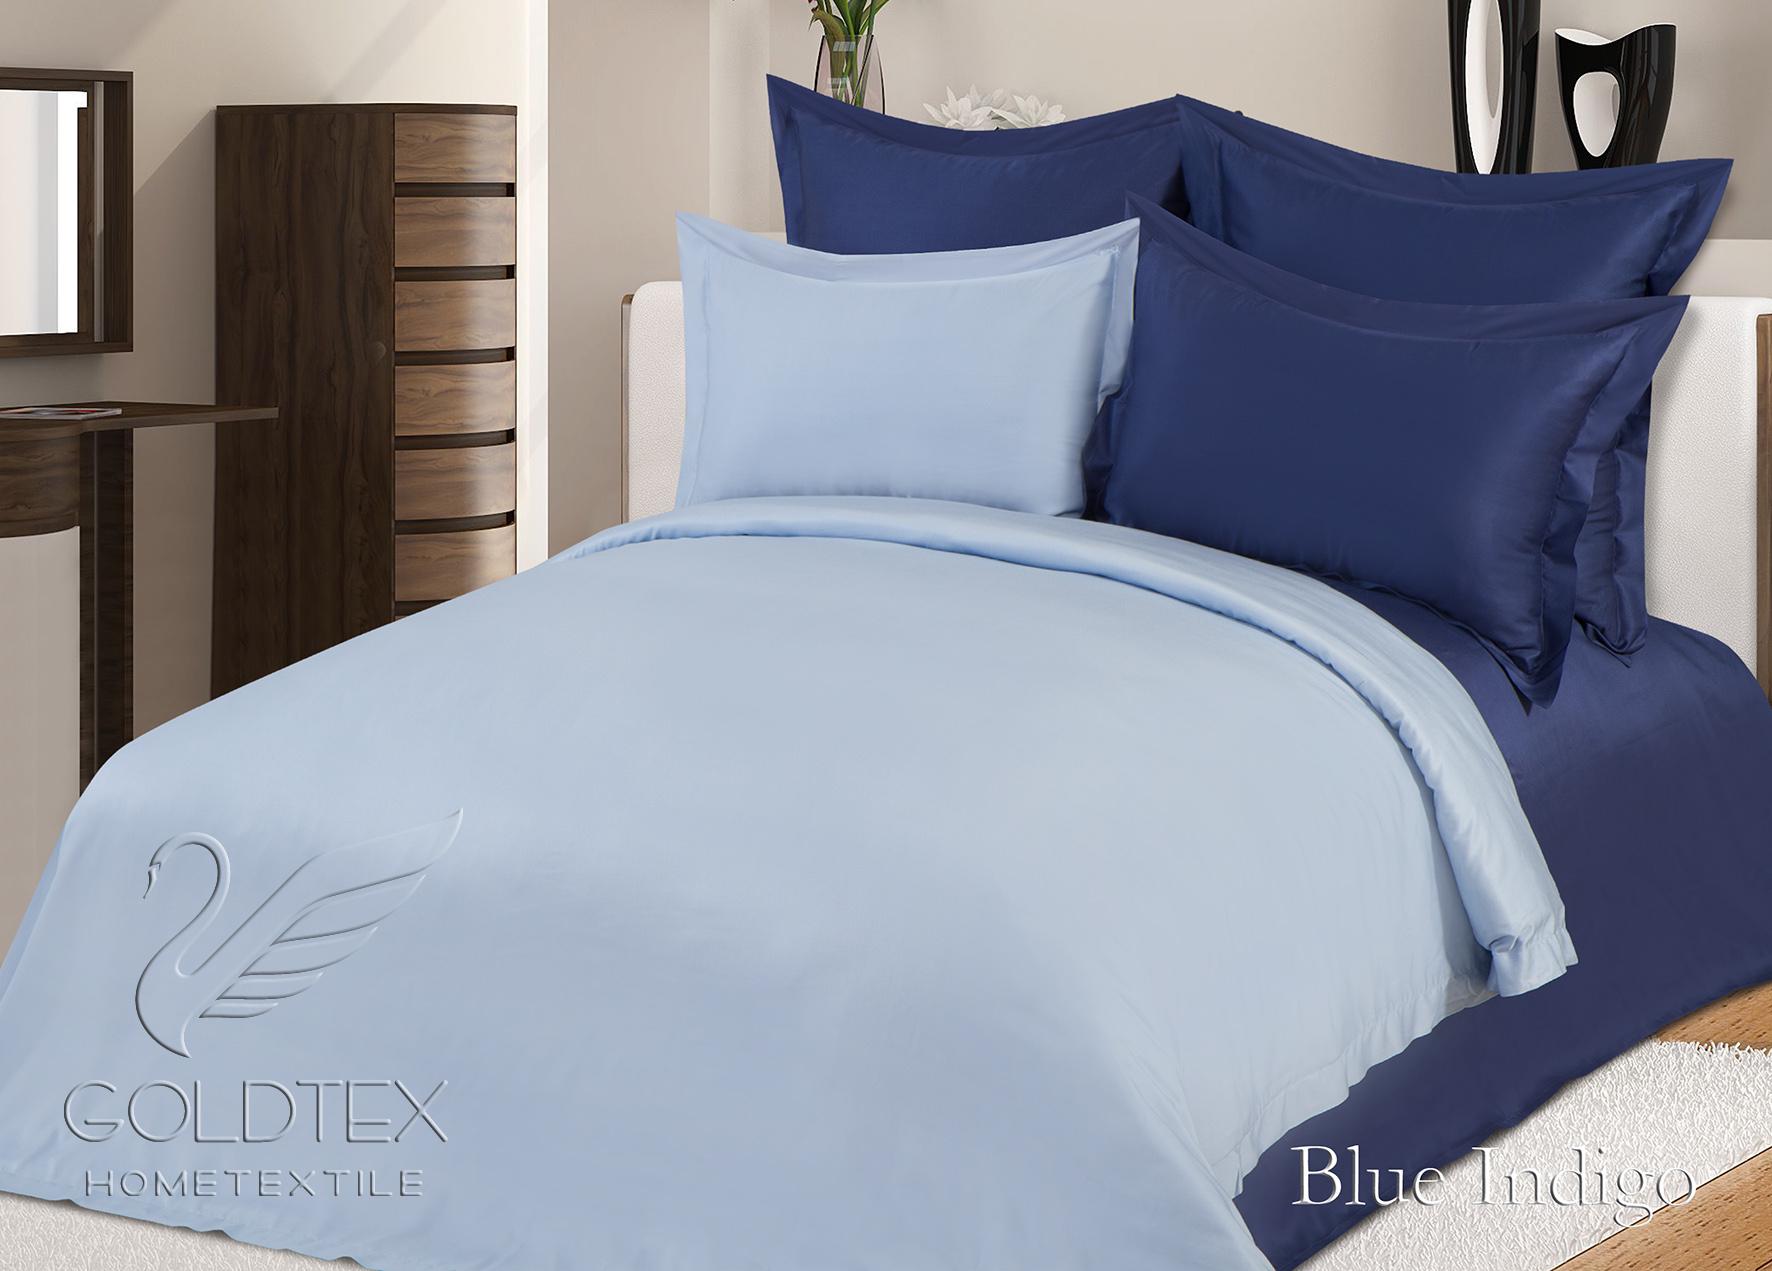 Комплект Blue Indigo, размер 2,0-спальный с 4 наволочкамиБамбуковое волокно<br>Пододеяльник:220х175 см - 1 шт.<br>Простыня:220х240 см - 1 шт.<br>Наволочка:70х70 см - 2 шт. 50х70 см - 2 шт.<br><br>Тип: КПБ<br>Размер: 2,0-сп. 4 нав.<br>Материал: Бамбук